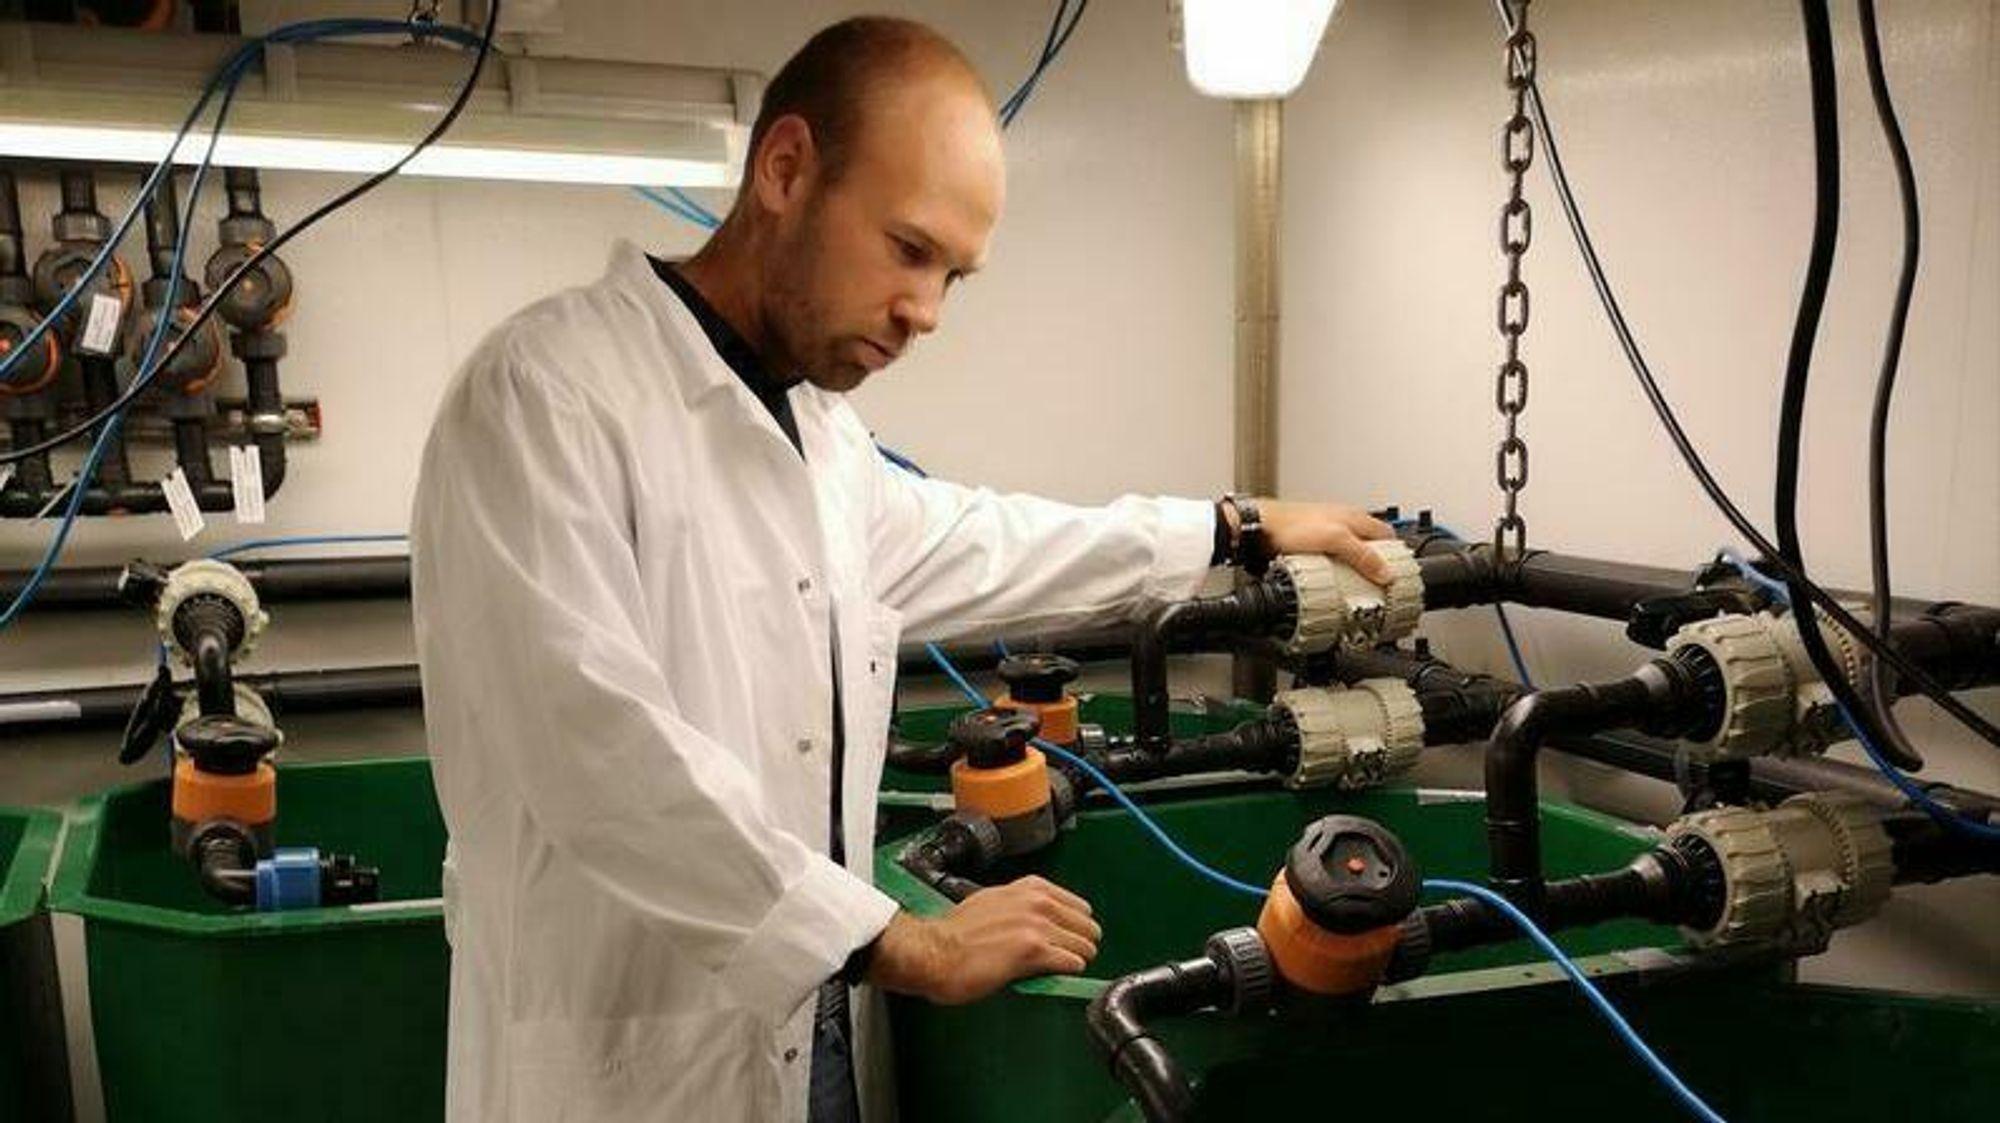 Tarald Kleppa Øvrebø, daglig leder i Shrimp Vision, vil bruke spillvarme fra industrien til å drive oppdrett av tropiske reker i Norge.